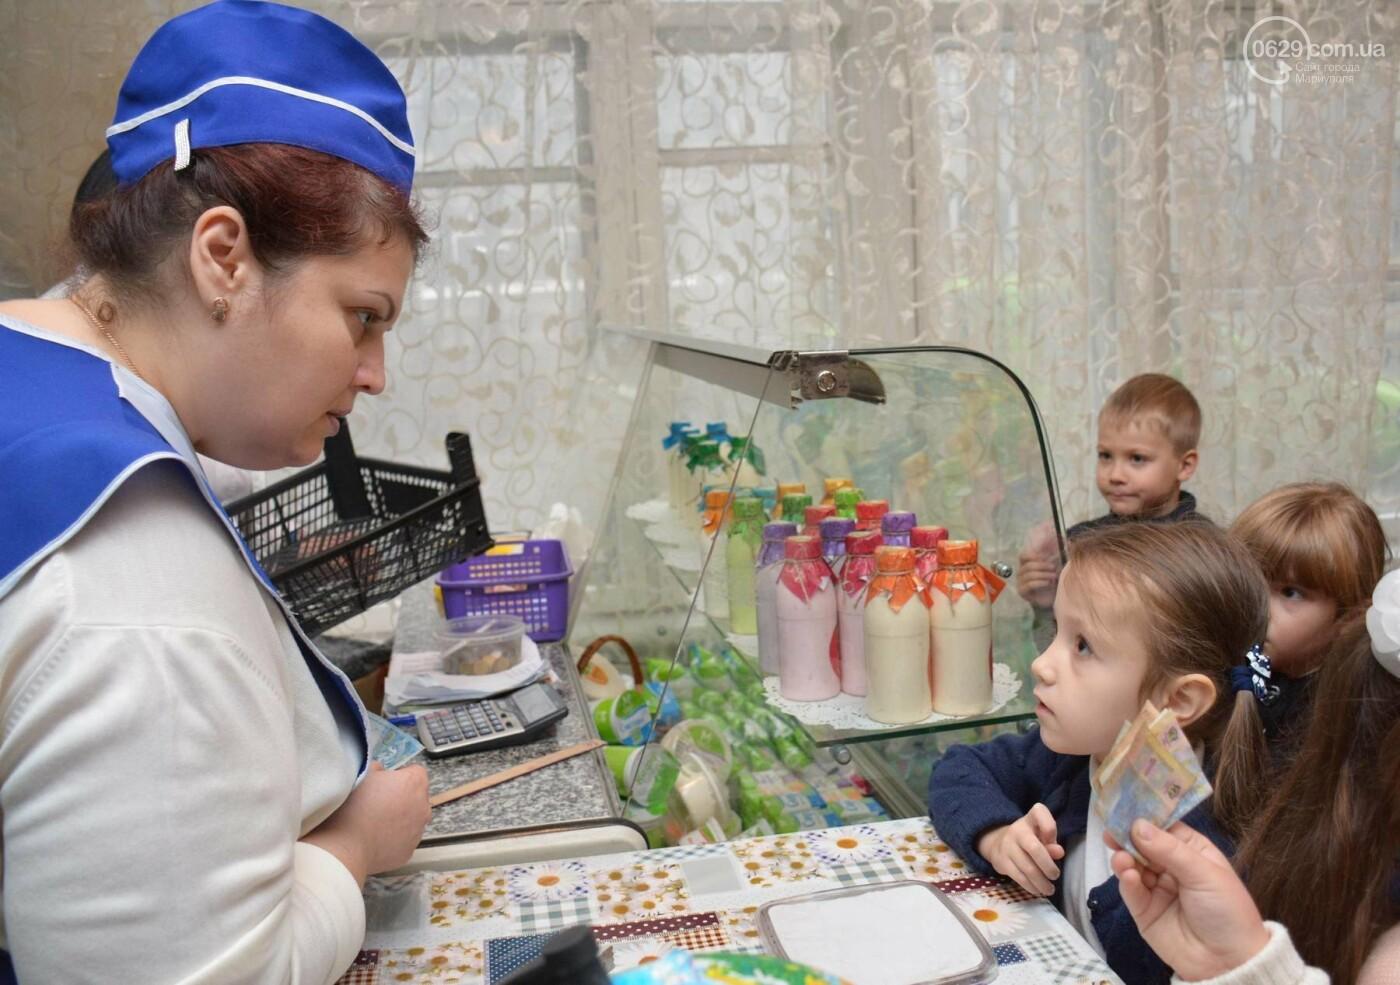 Больше молочных и мясных блюд, свежих овощей и фруктов: в ОШ № 15 представили обновленное меню для школьников., фото-34